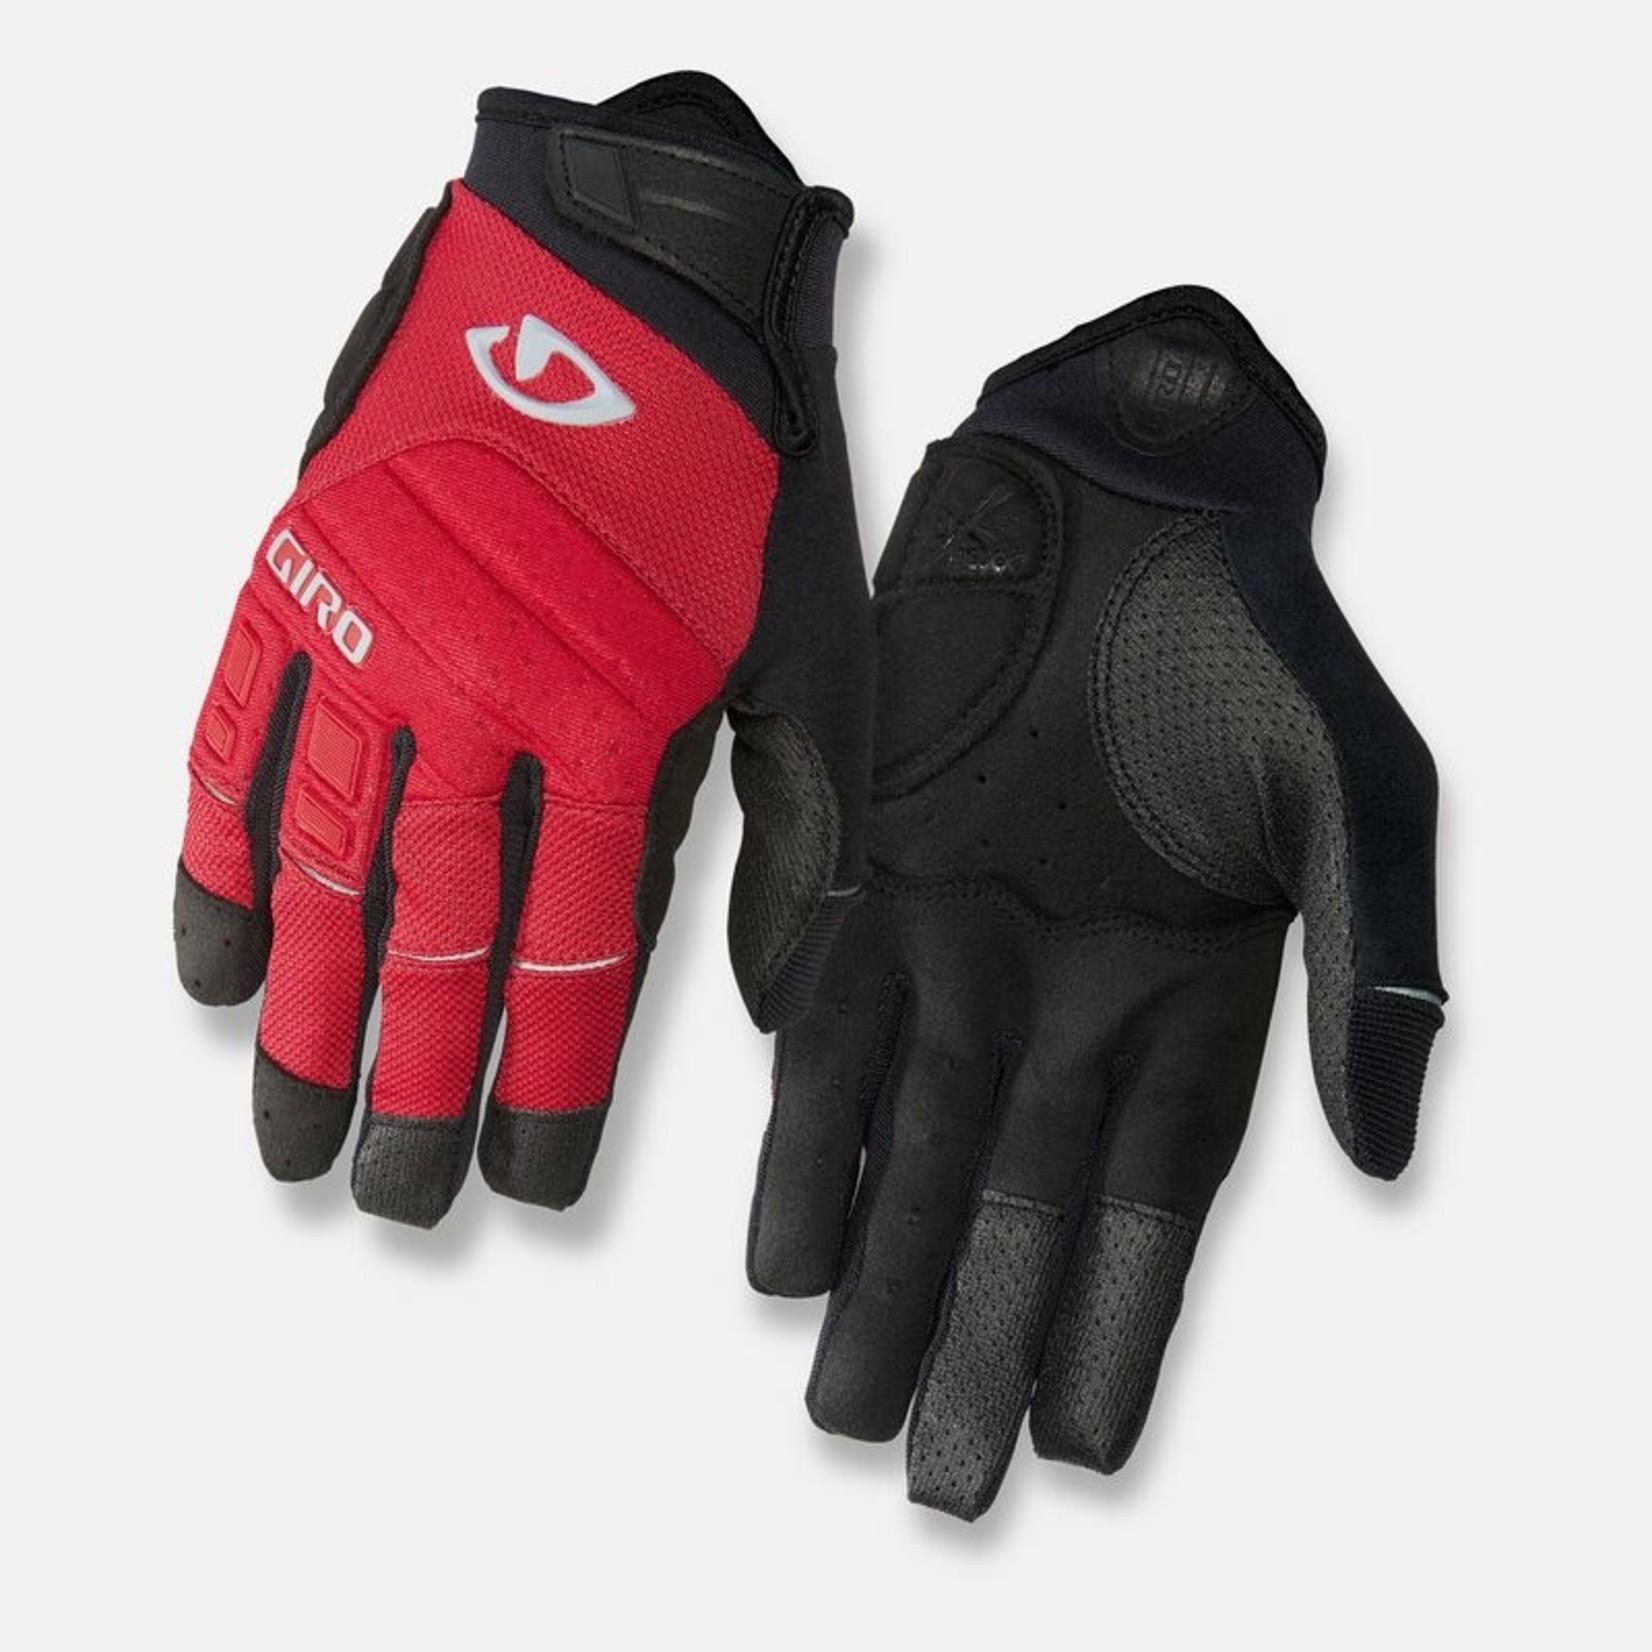 Giro Giro Gloves - Xen